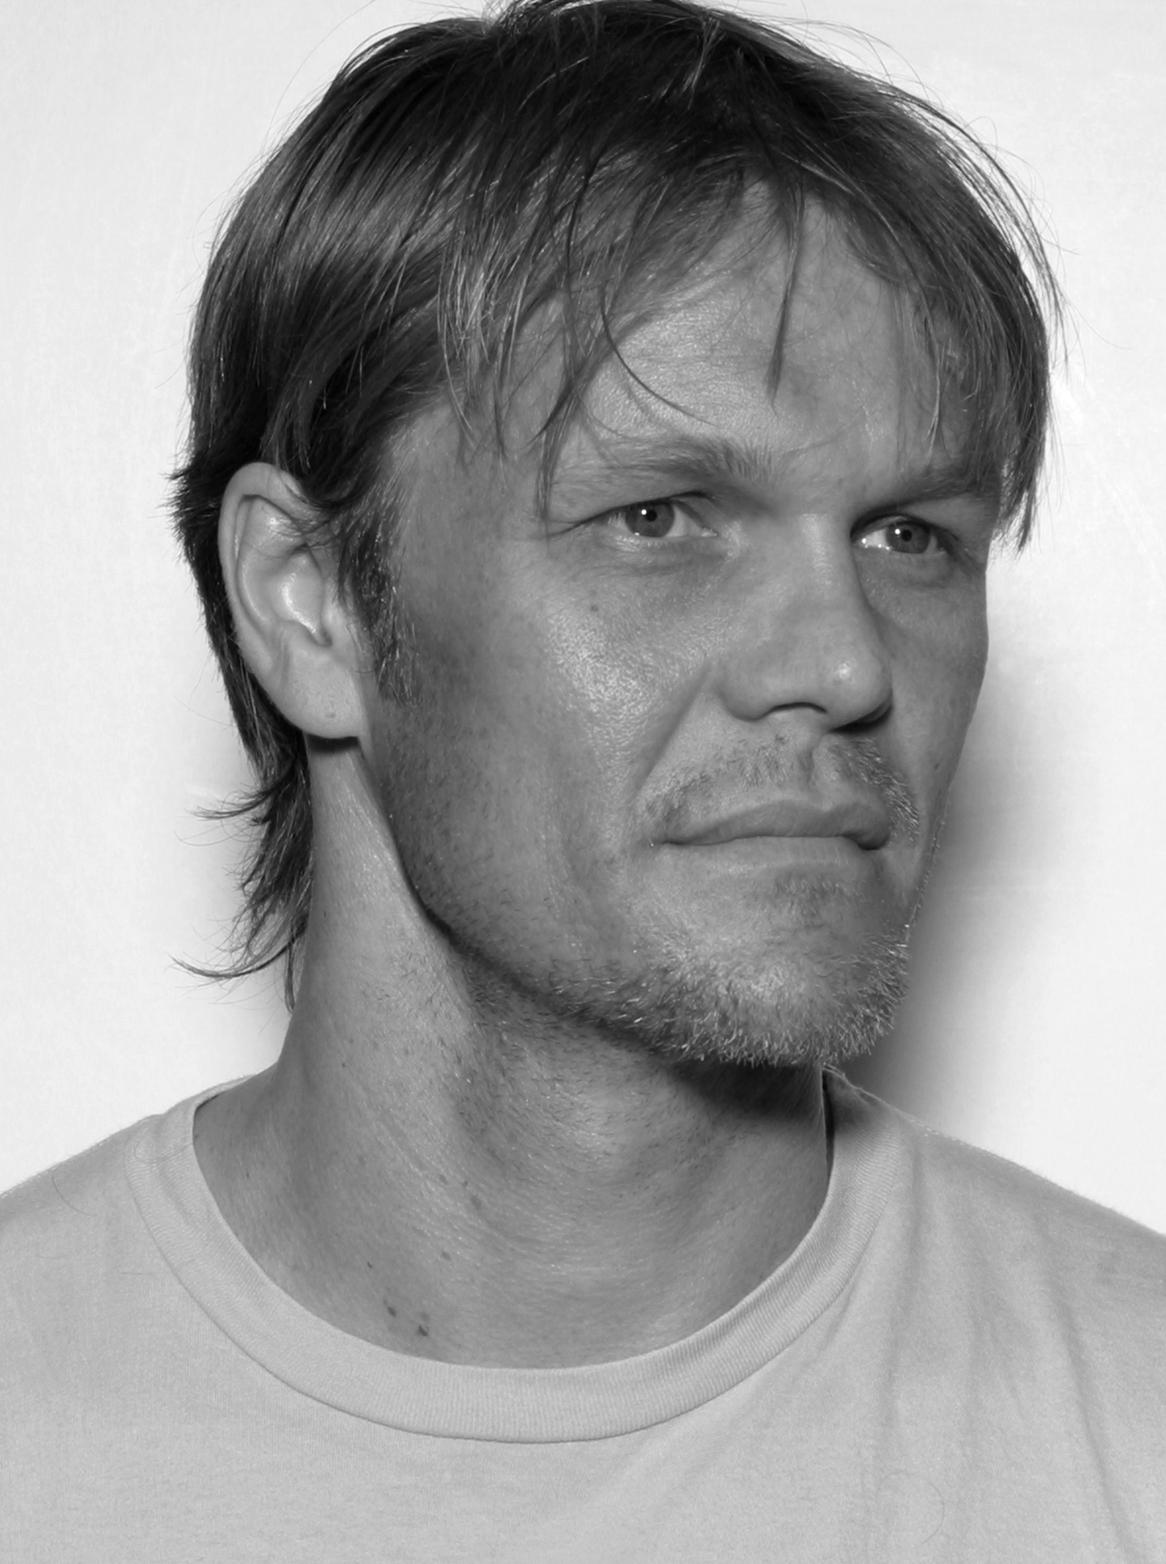 Erik Asla